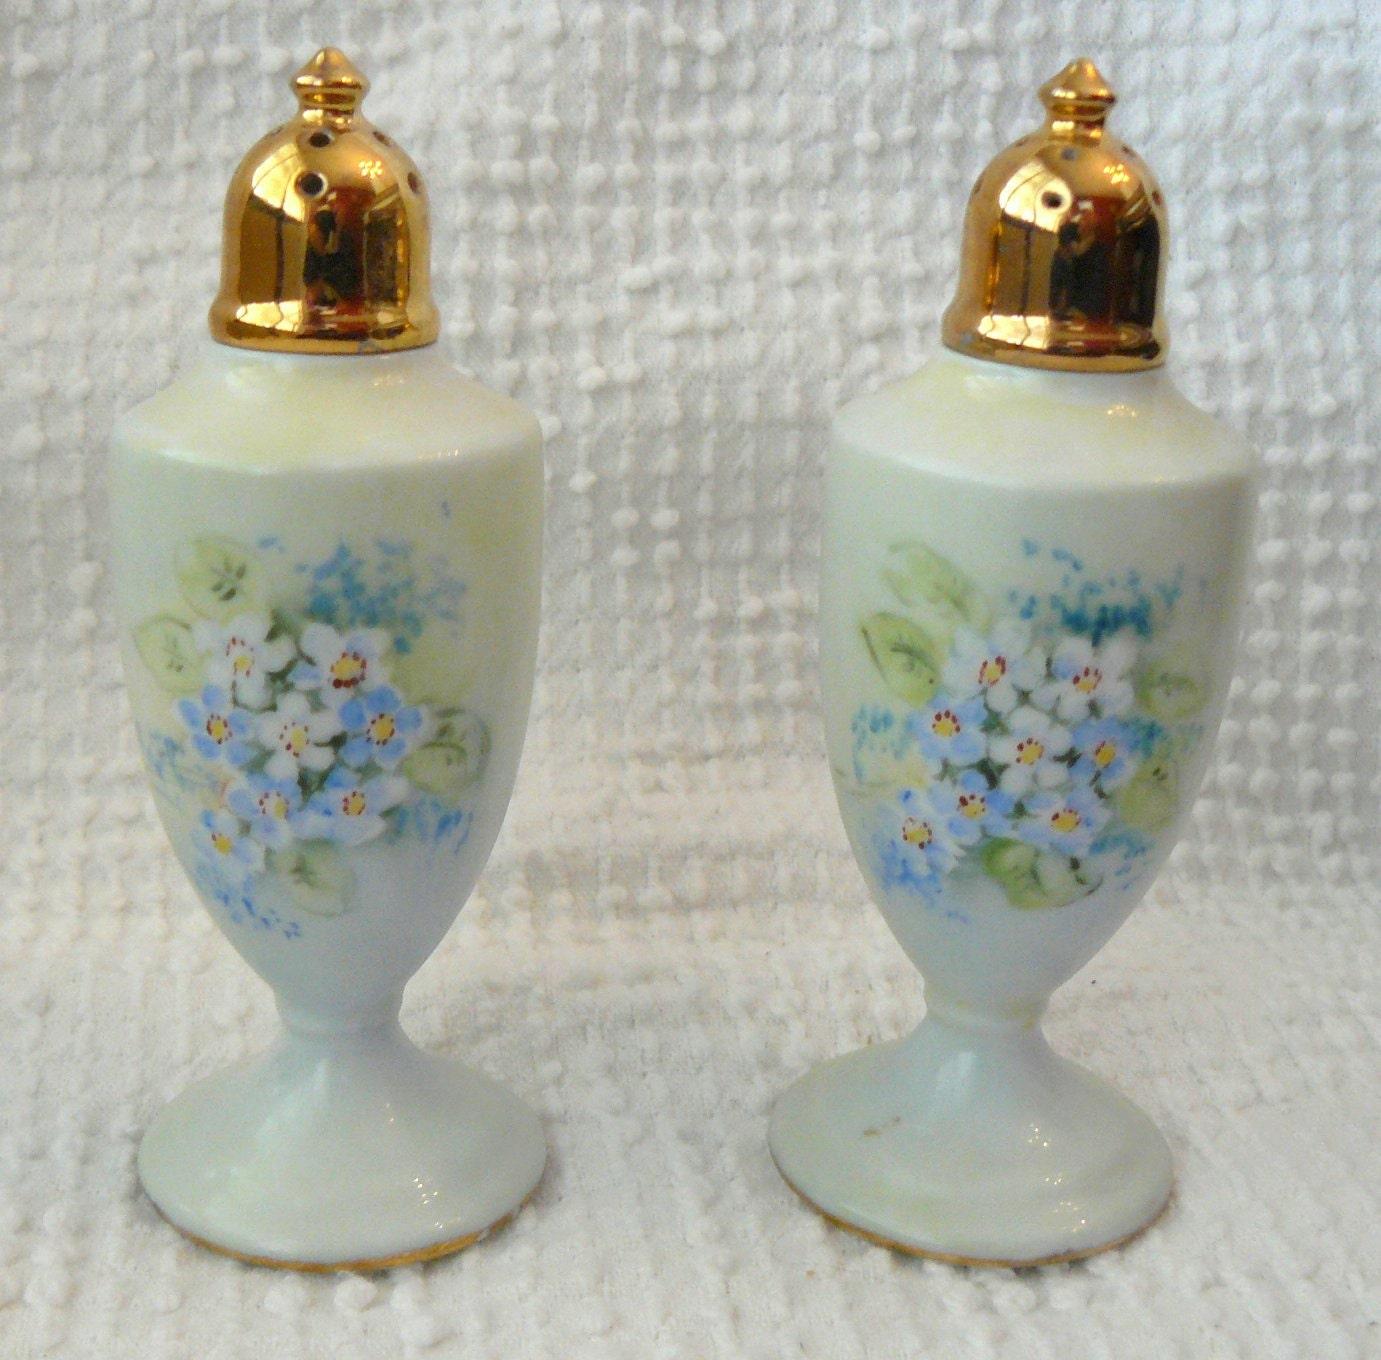 Vintage Salt And Pepper Shakers Light Blue Porcelain With